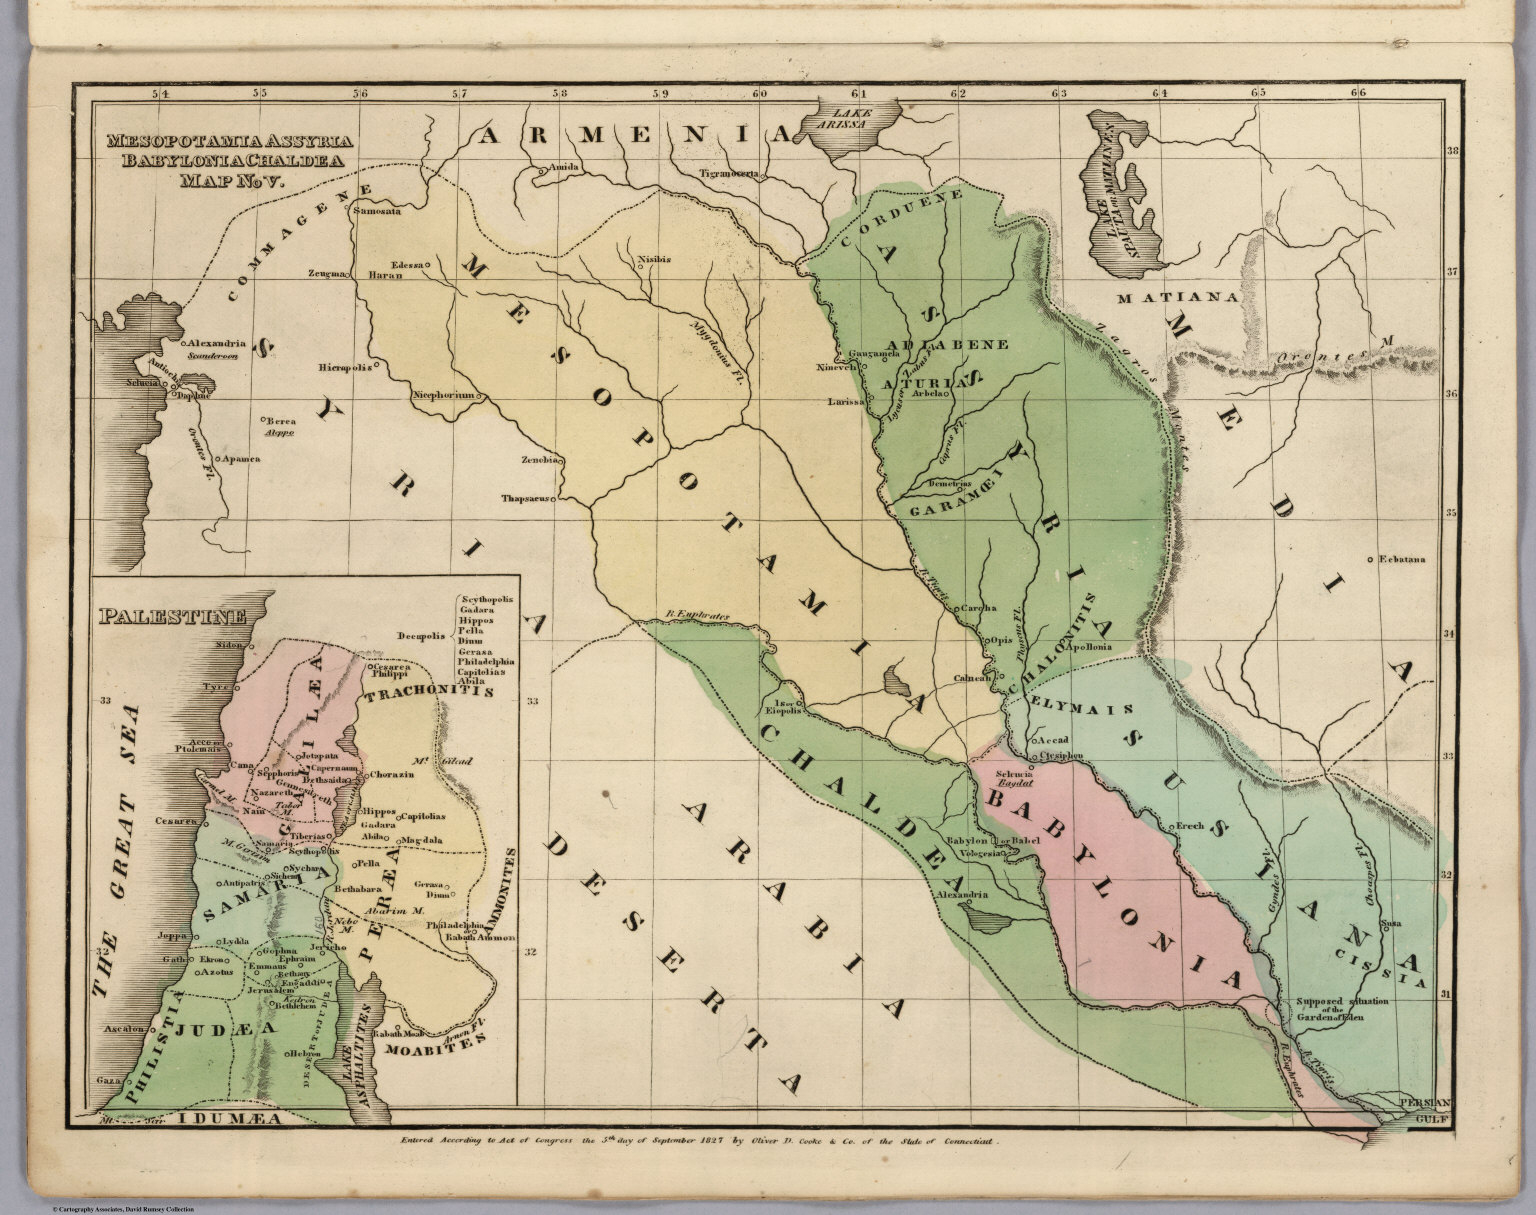 Map No. V. Mesopotamia Assyria, Babylonia Chaldea - David Rumsey - Free Printable Map Of Mesopotamia